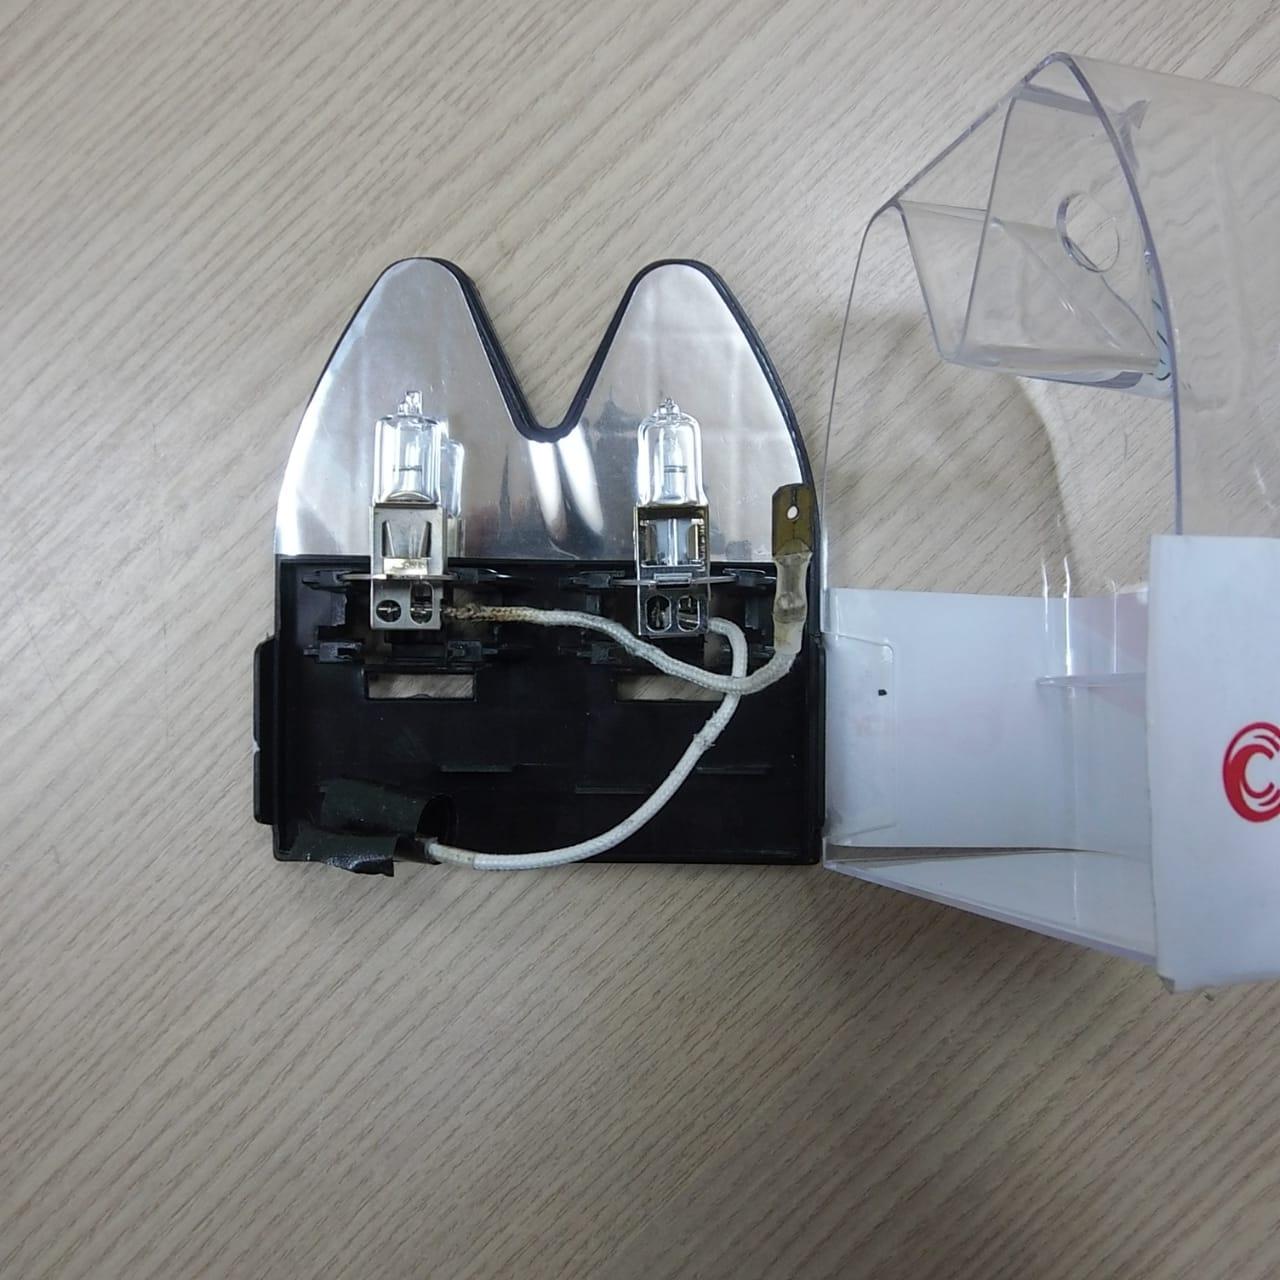 Lampada Farol AuxIliar - H3 Cinoy - Super Branca - Multifit - Par - 001/11001